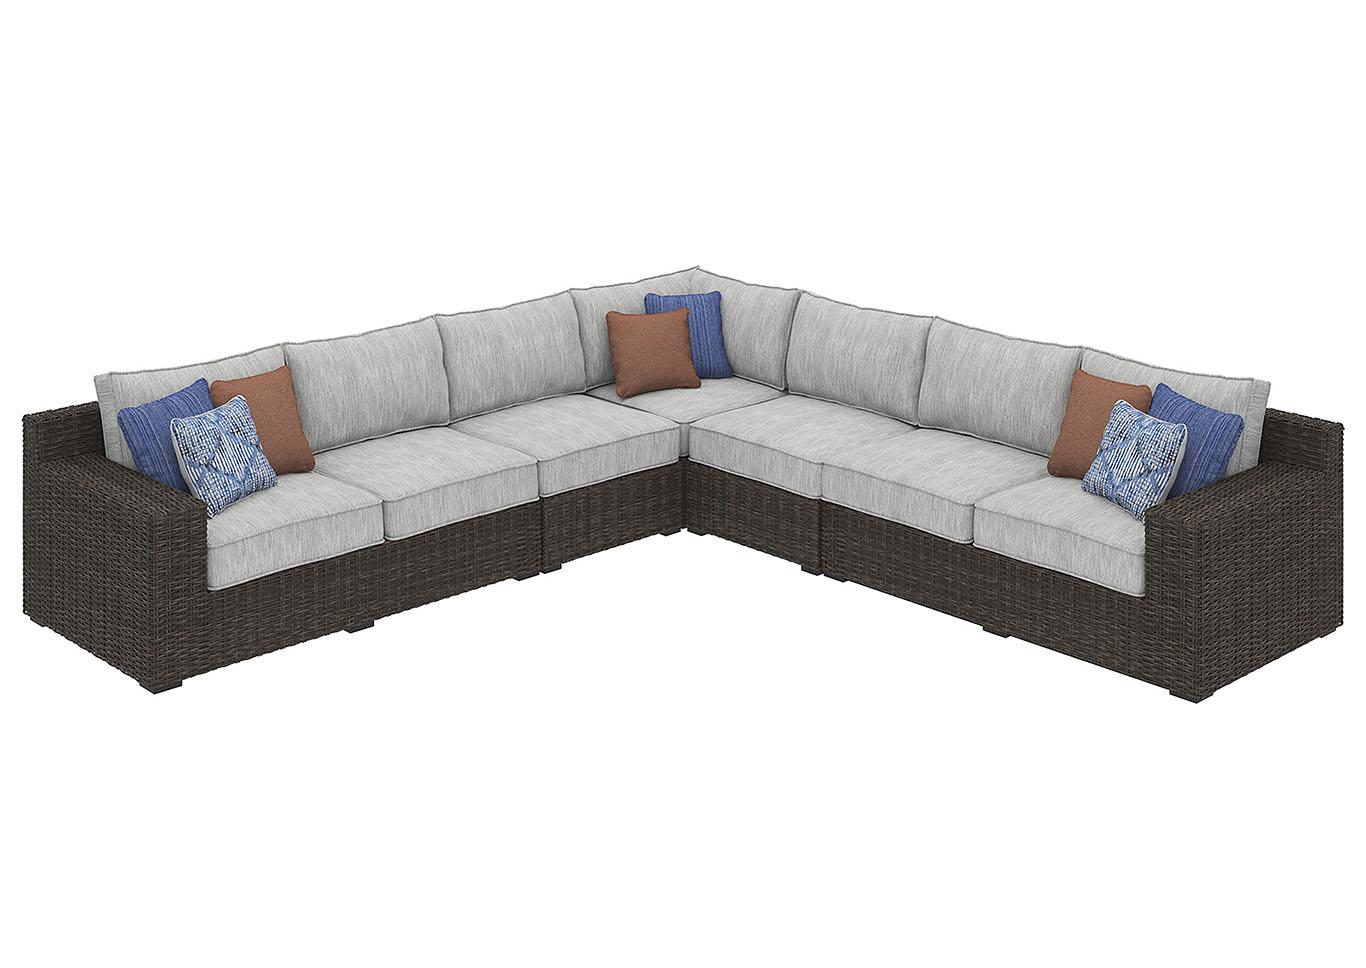 Gibson Furniture Gallatin Hendersonville Nashville Tn Alta